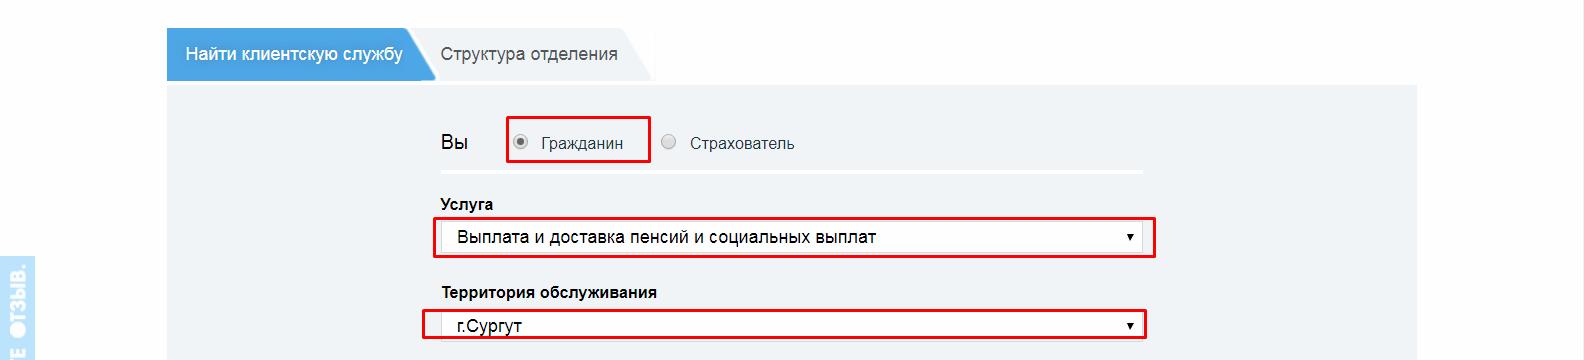 Пенсионный фонд Сургут